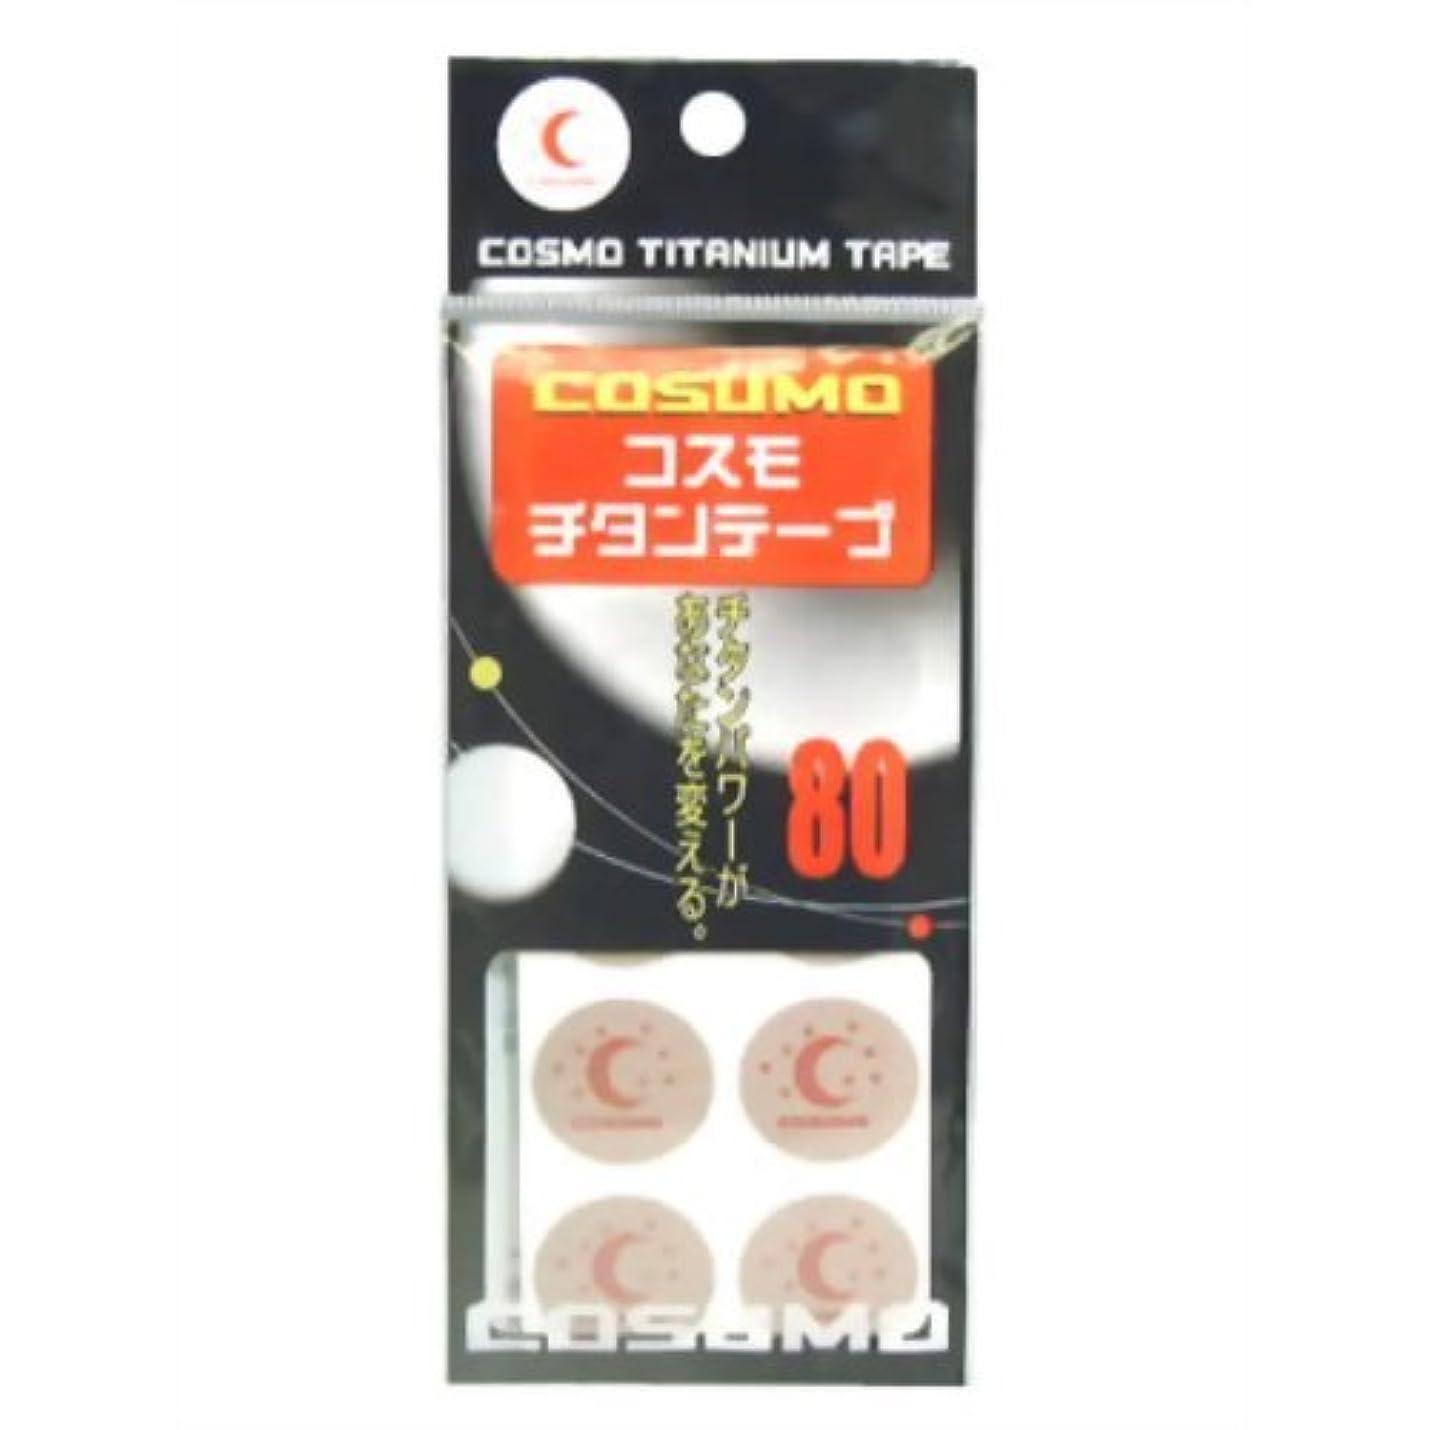 審判きゅうり排泄するコスモチタンテープ